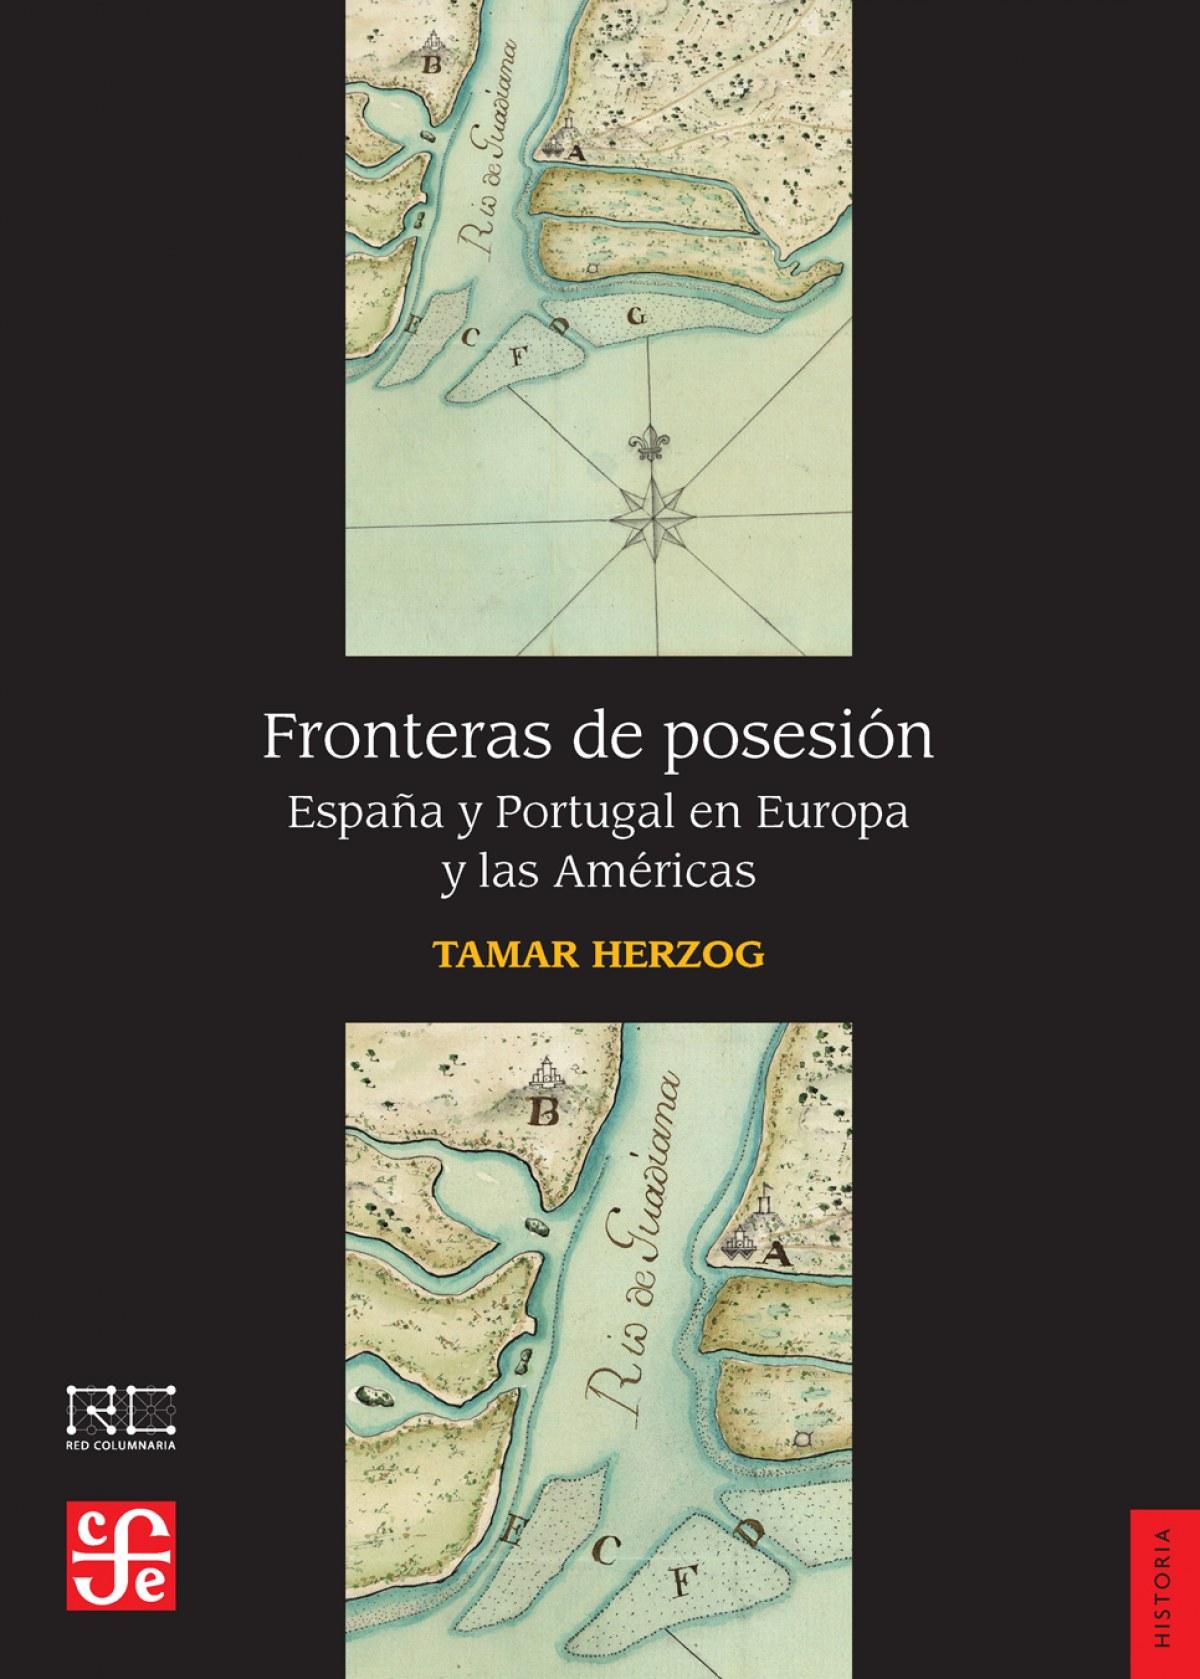 FRONTERAS DE POSESIÓN 9788437507651